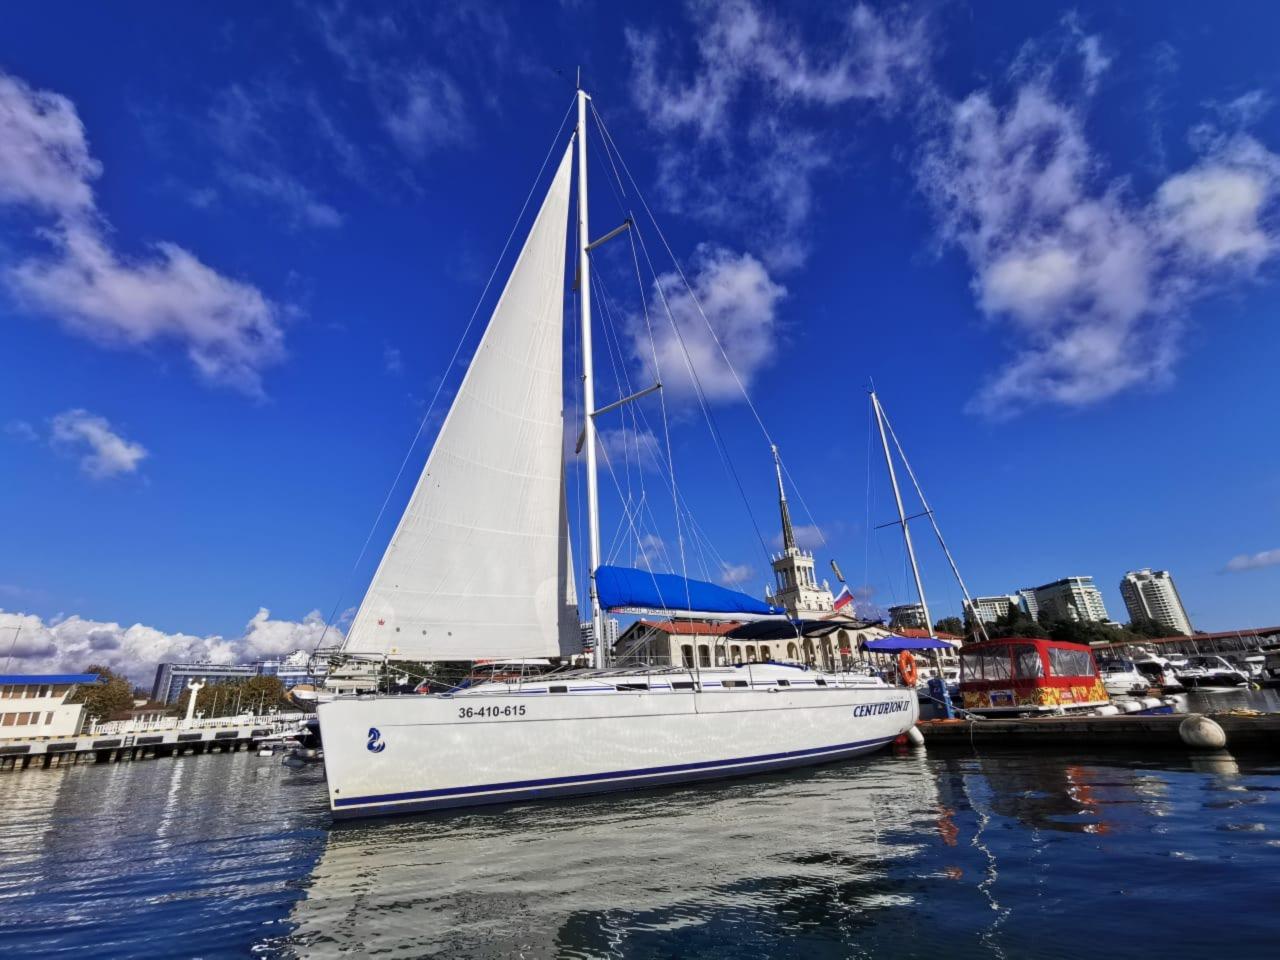 Аренда яхты Beneteau Cyclades 43/4 - индивидуальная экскурсия в Сочи от опытного гида